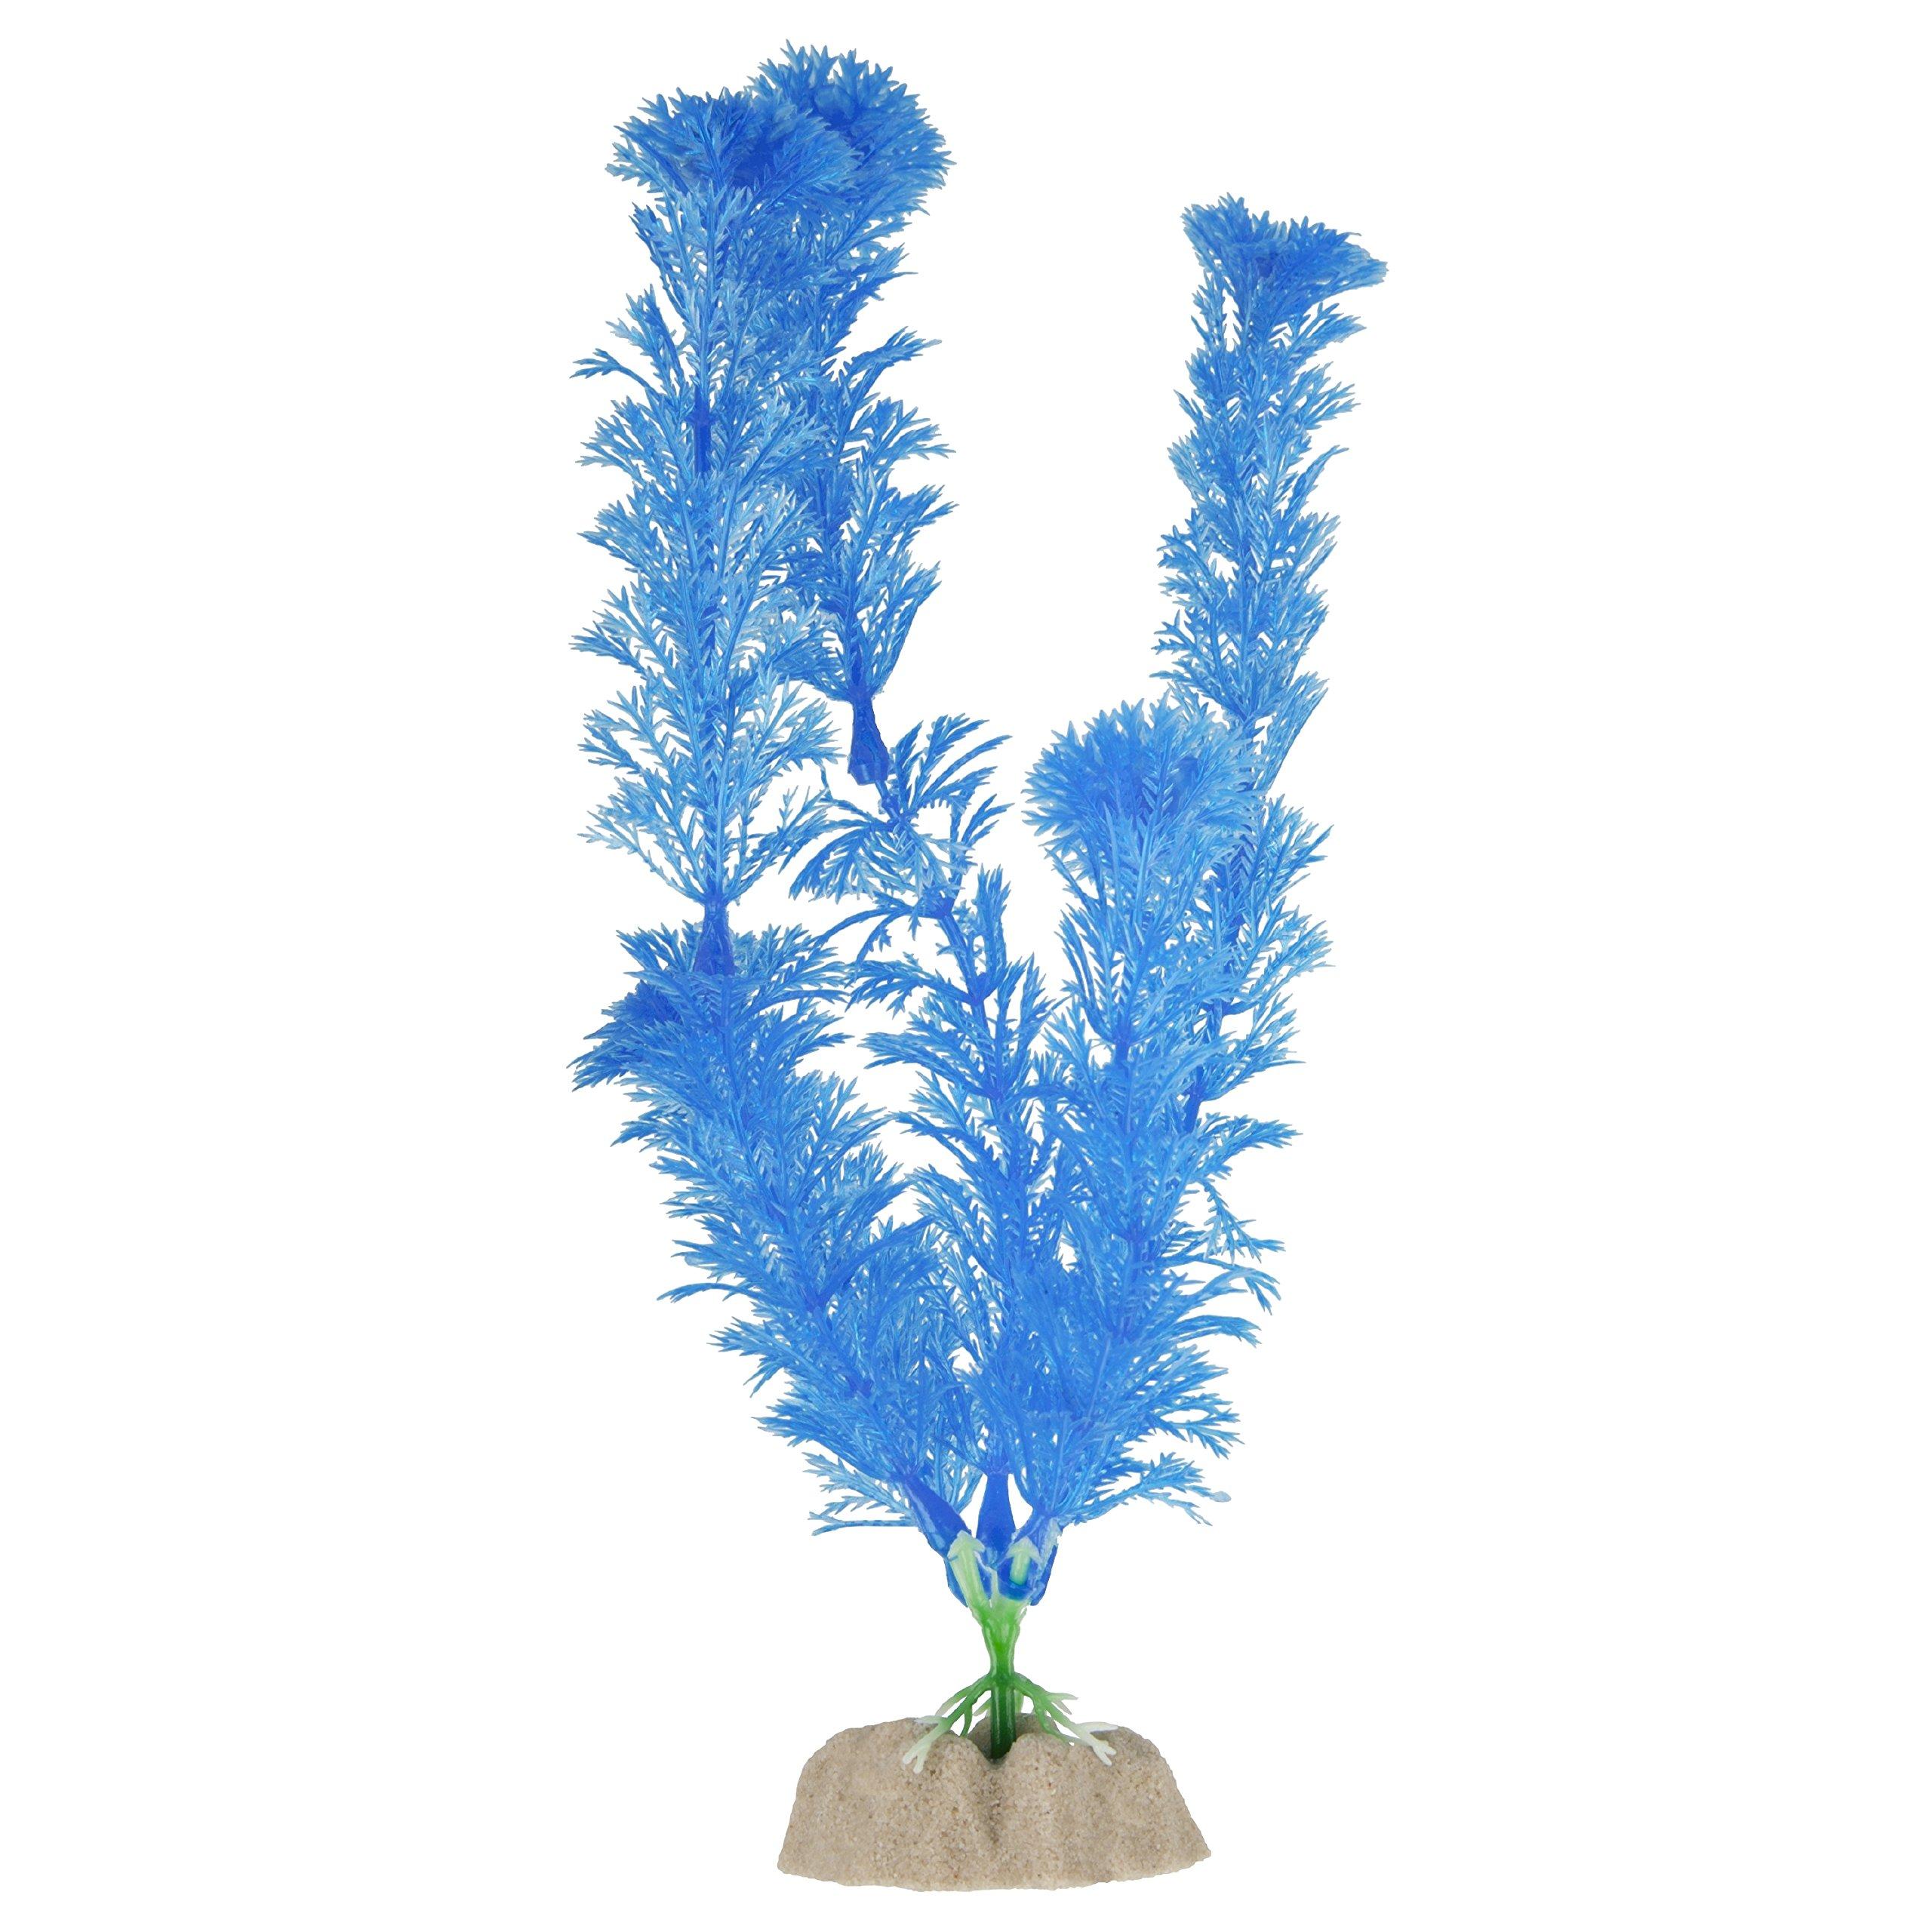 GloFish Large Fluorescent Plant for Aquarium Decoration, Blue